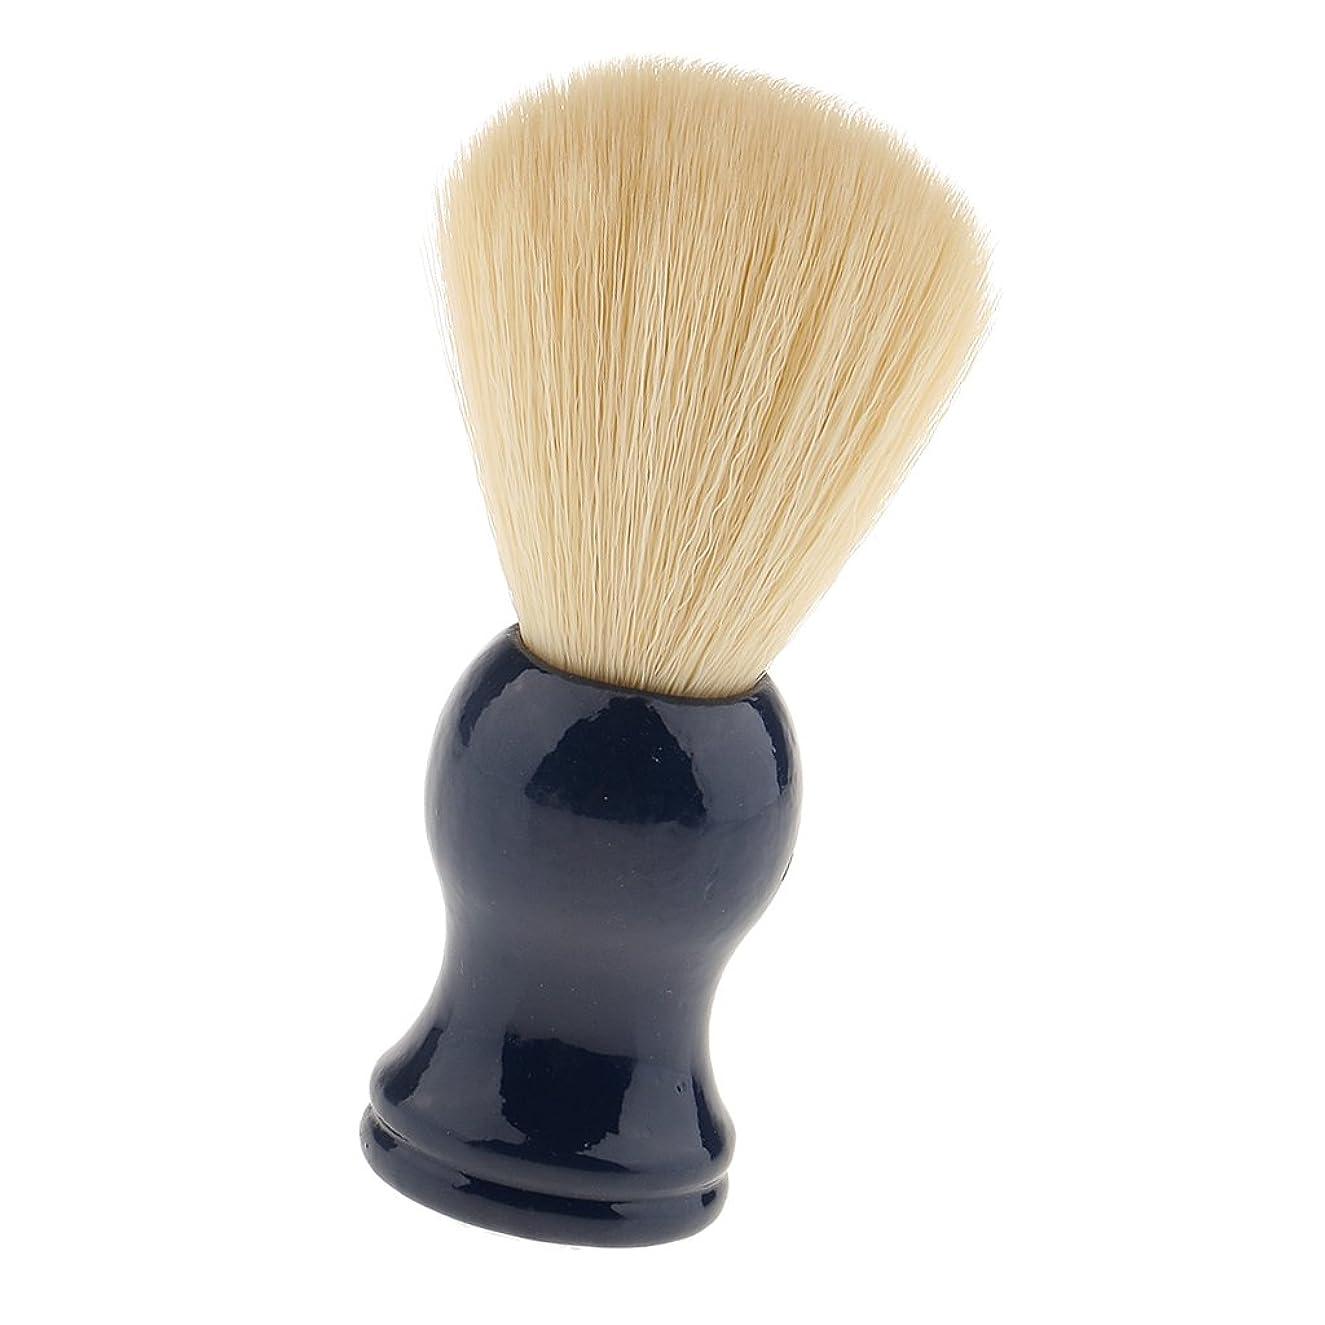 ガム接触弱い髭剃り ブラシ シェービングブラシ ひげブラシ サロン ナイロン毛 柔らかい 理容 便携